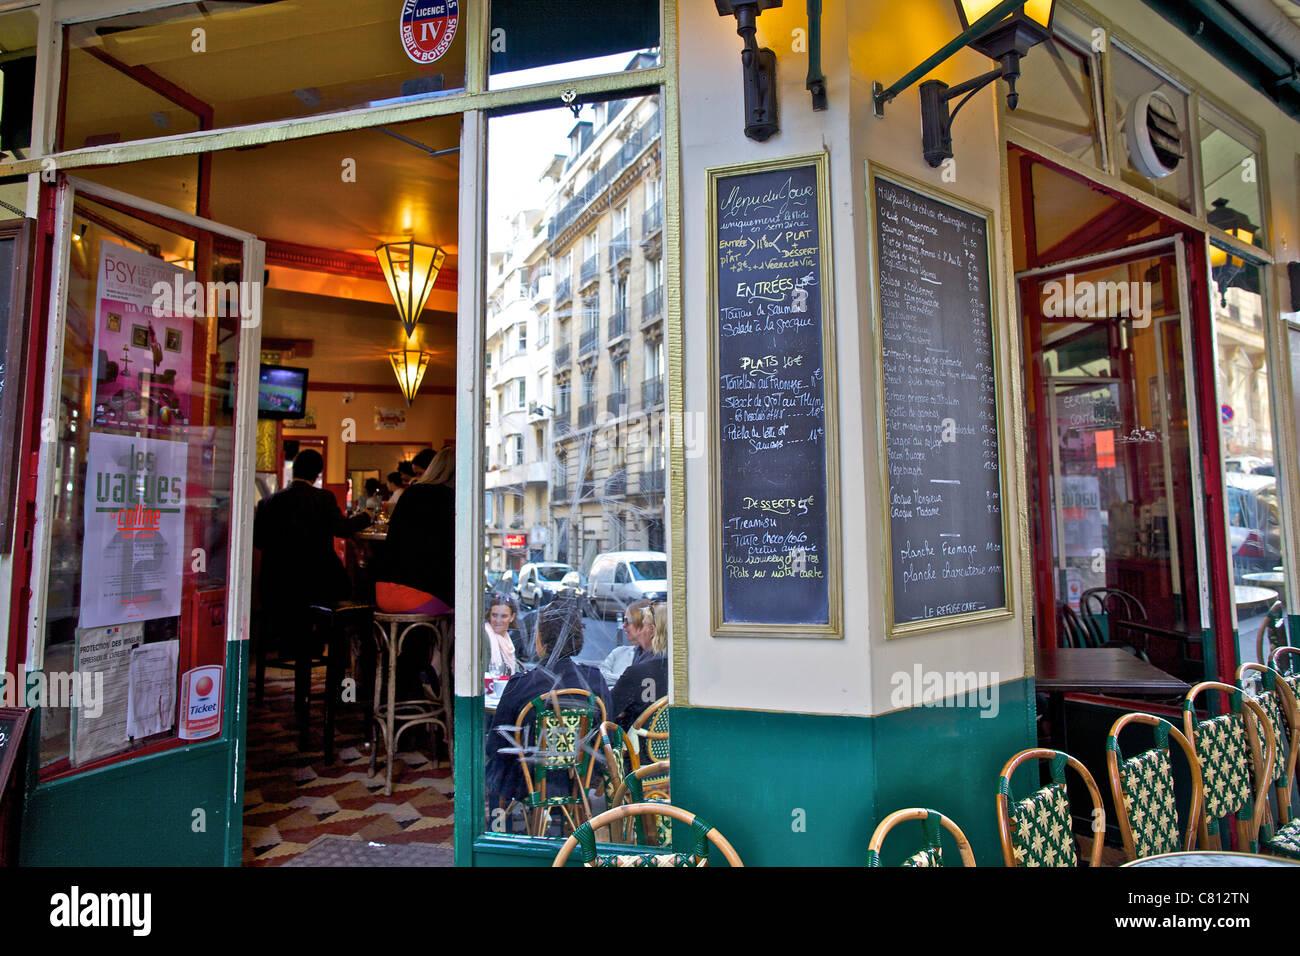 Paris Cafe Stock Photos & Paris Cafe Stock Images - Alamy